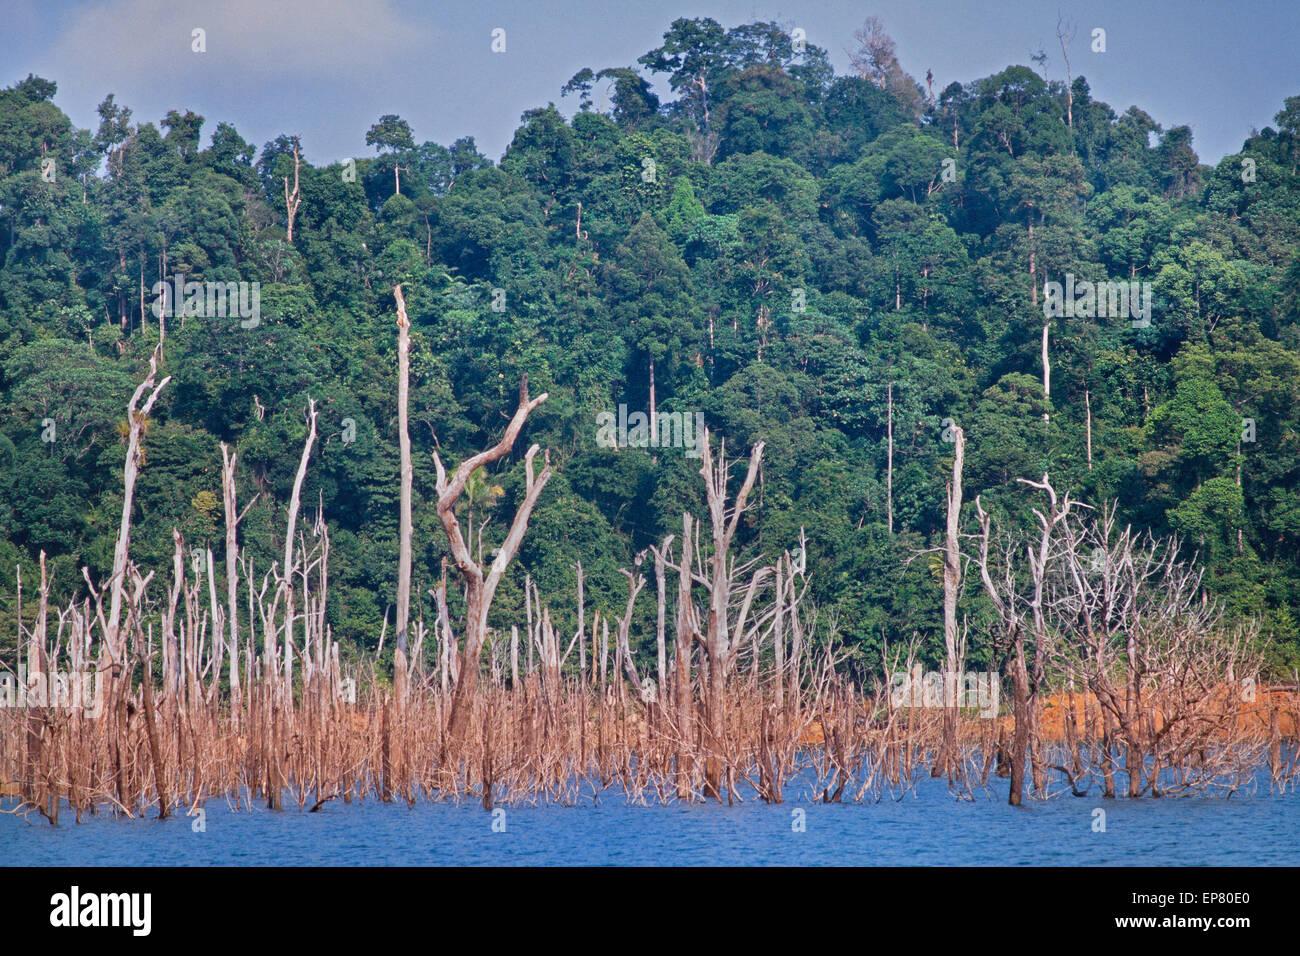 Kenyir lake, Pahang, Malaysia, submerged trees after flooding for a dam. Tasik Kenyir or Kenyir Lake is an artificial - Stock Image